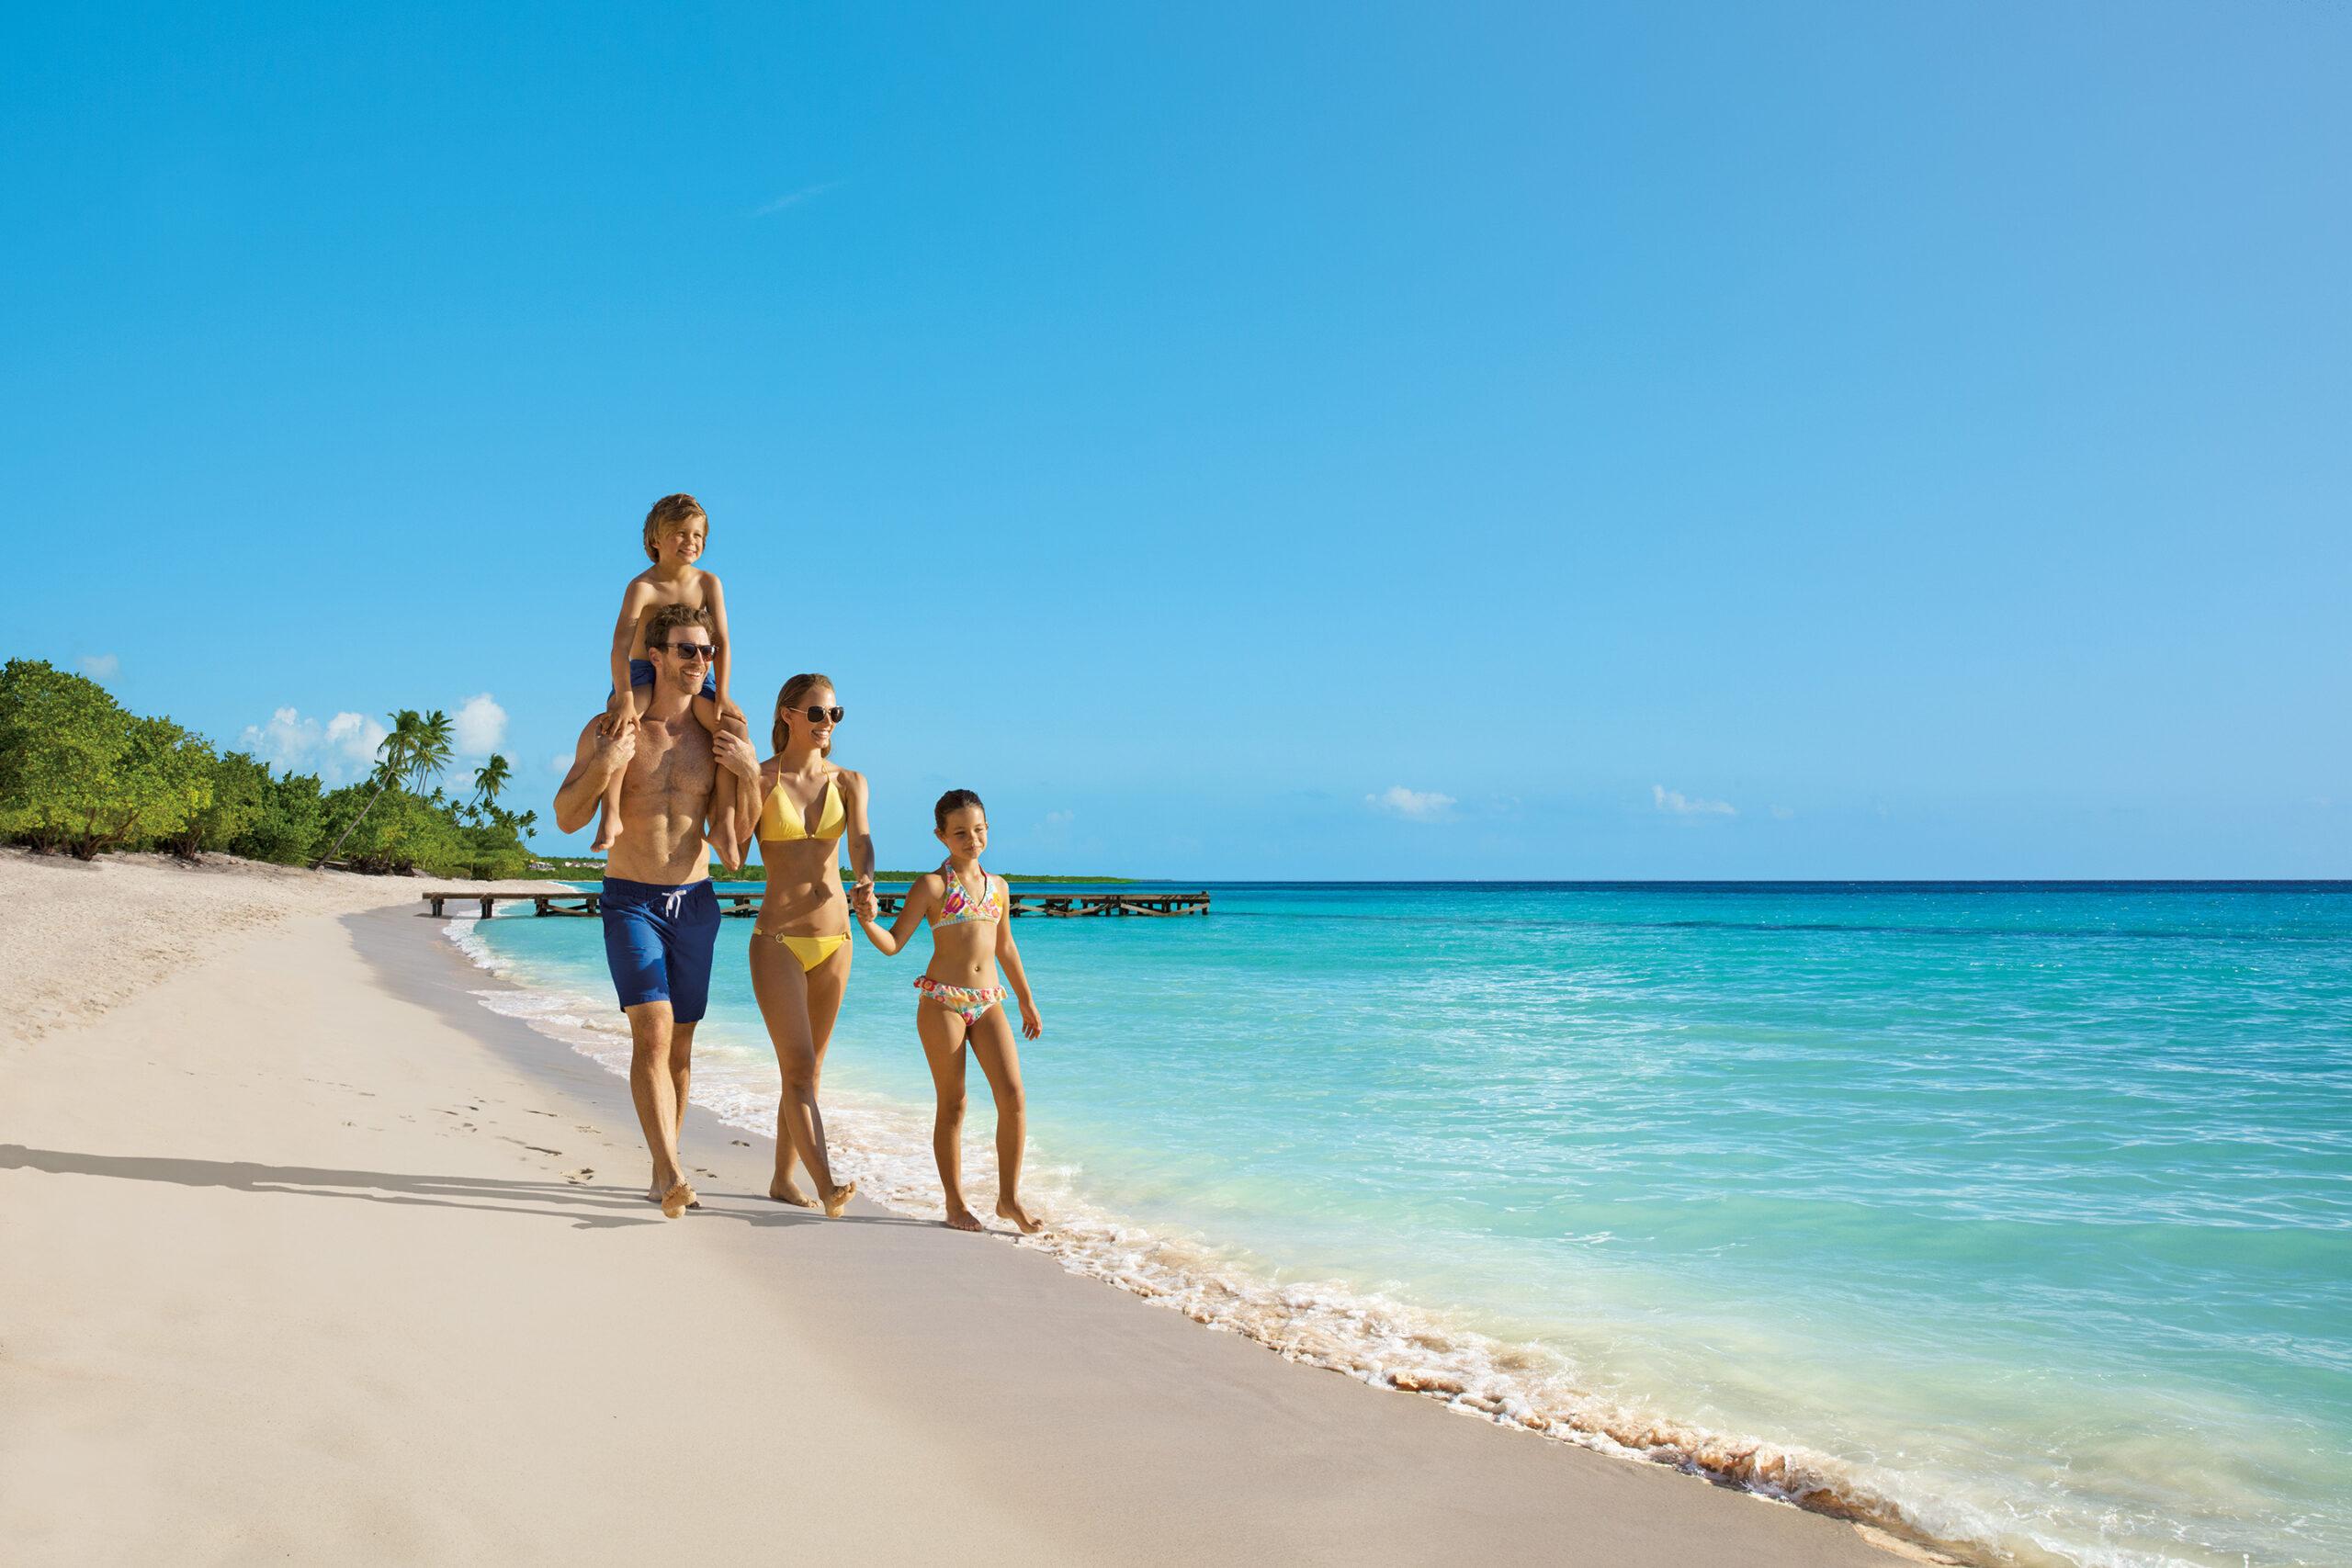 Открыты отели Dreams Dominicus La Romana и Dreams Punta Cana